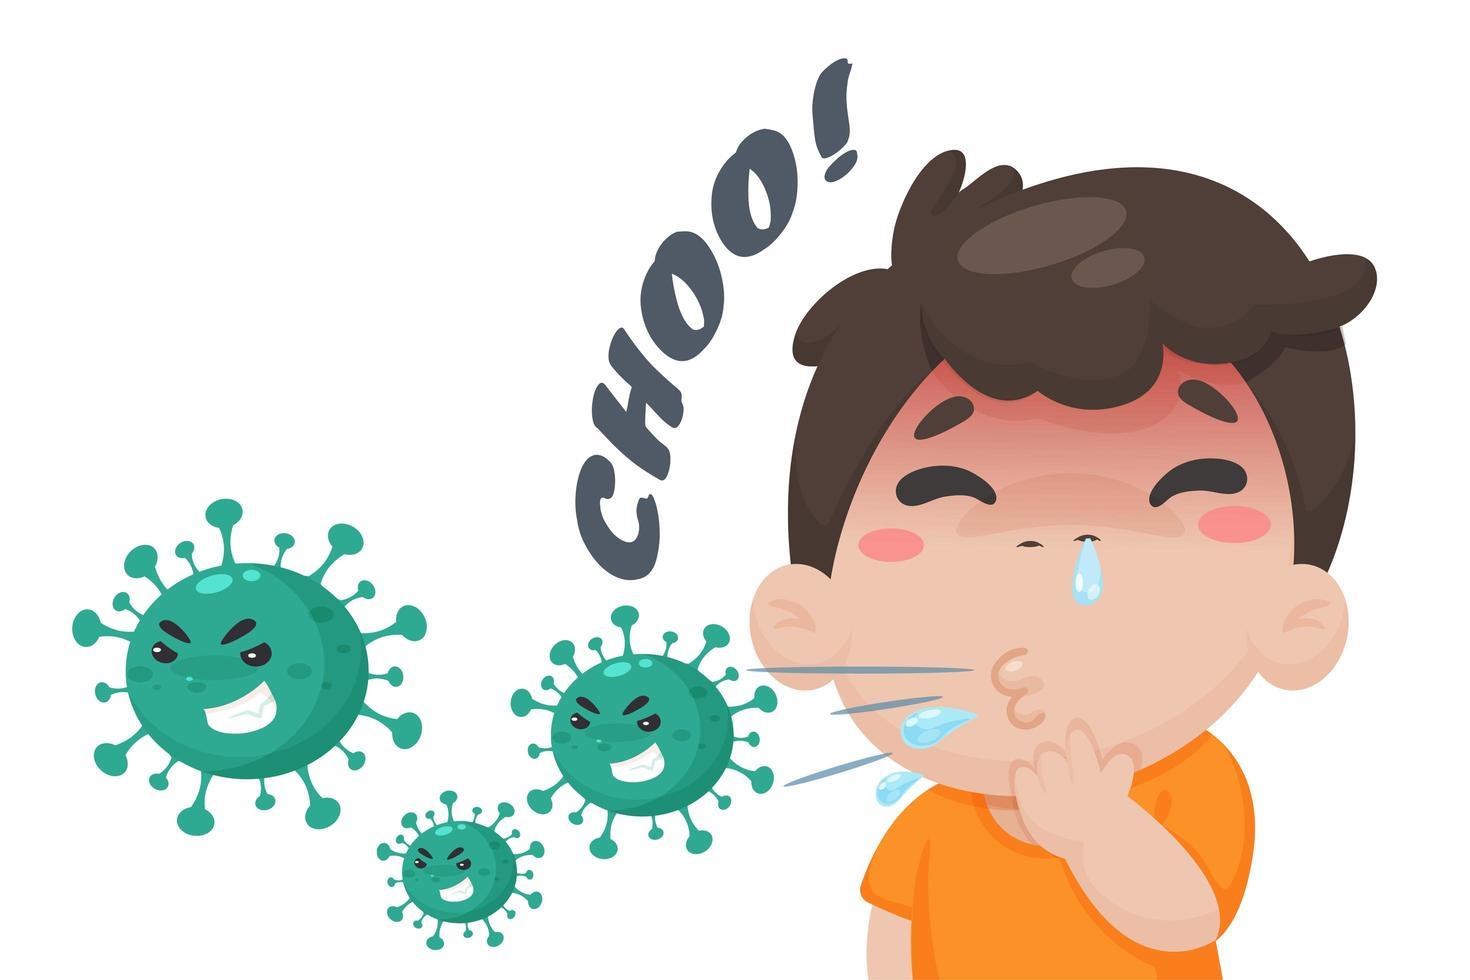 menino espirros em estilo cartoon vetor